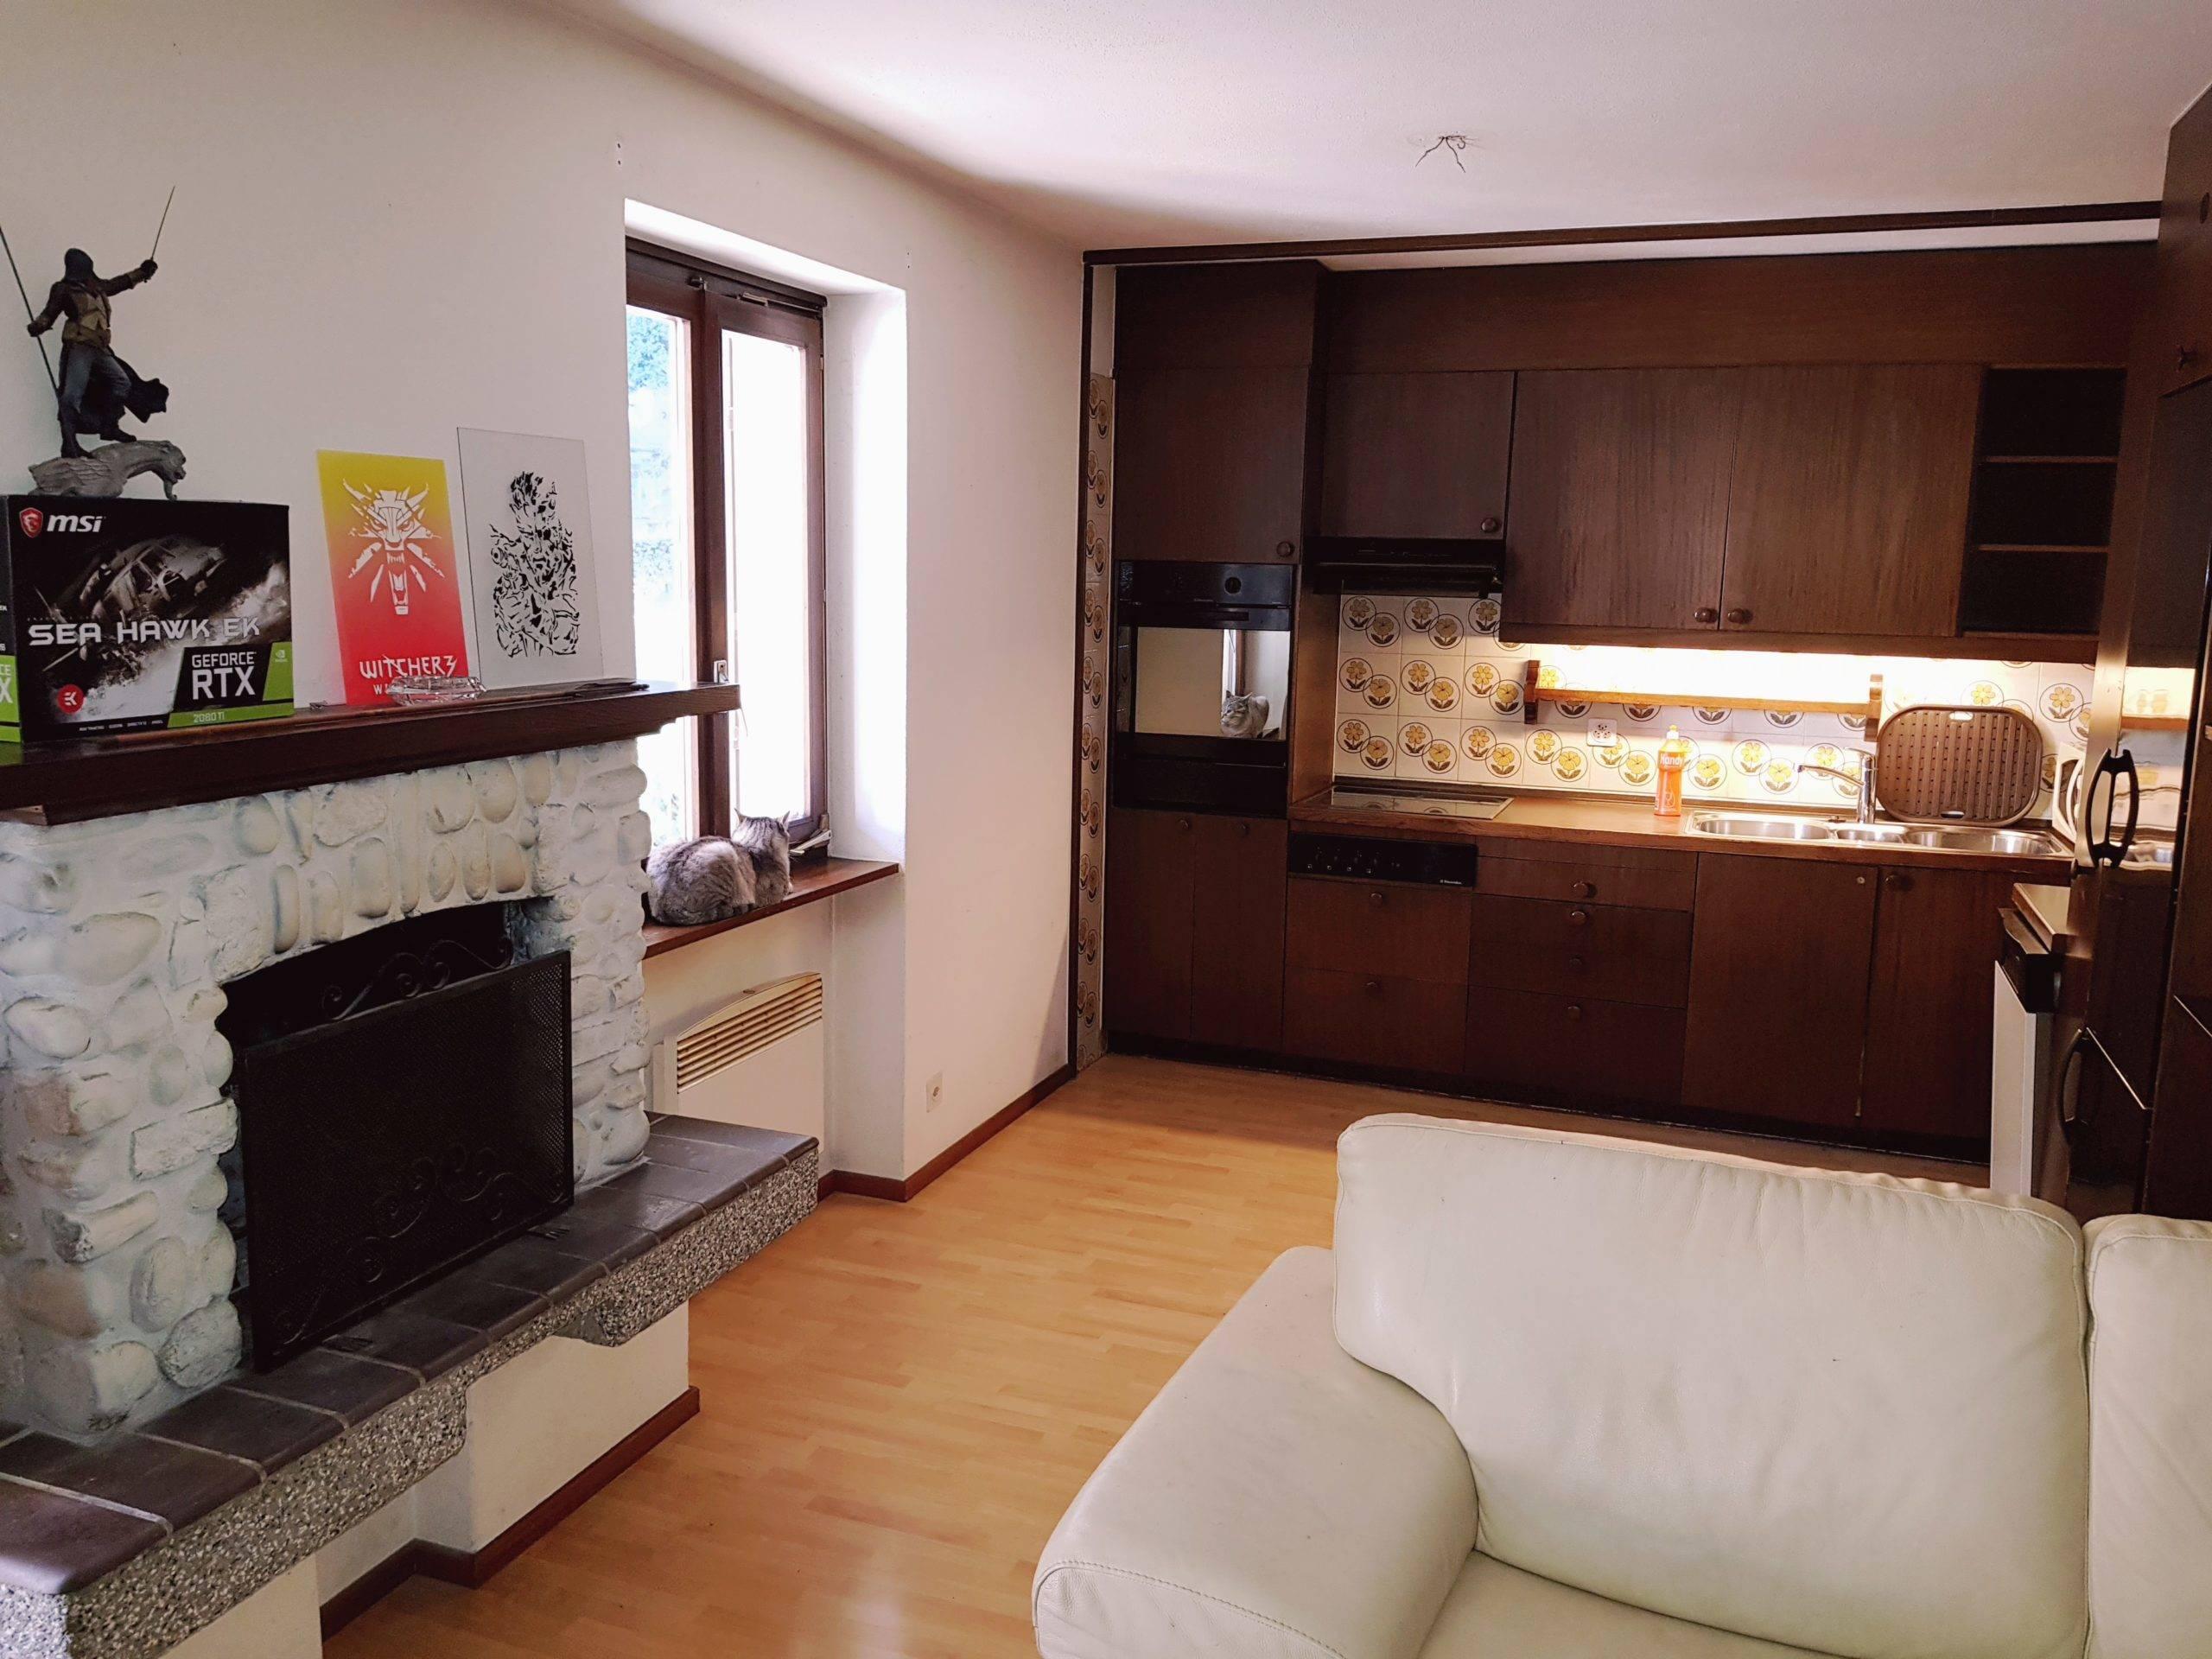 Appartamento 3,5 Locali in Zona Tranquilla